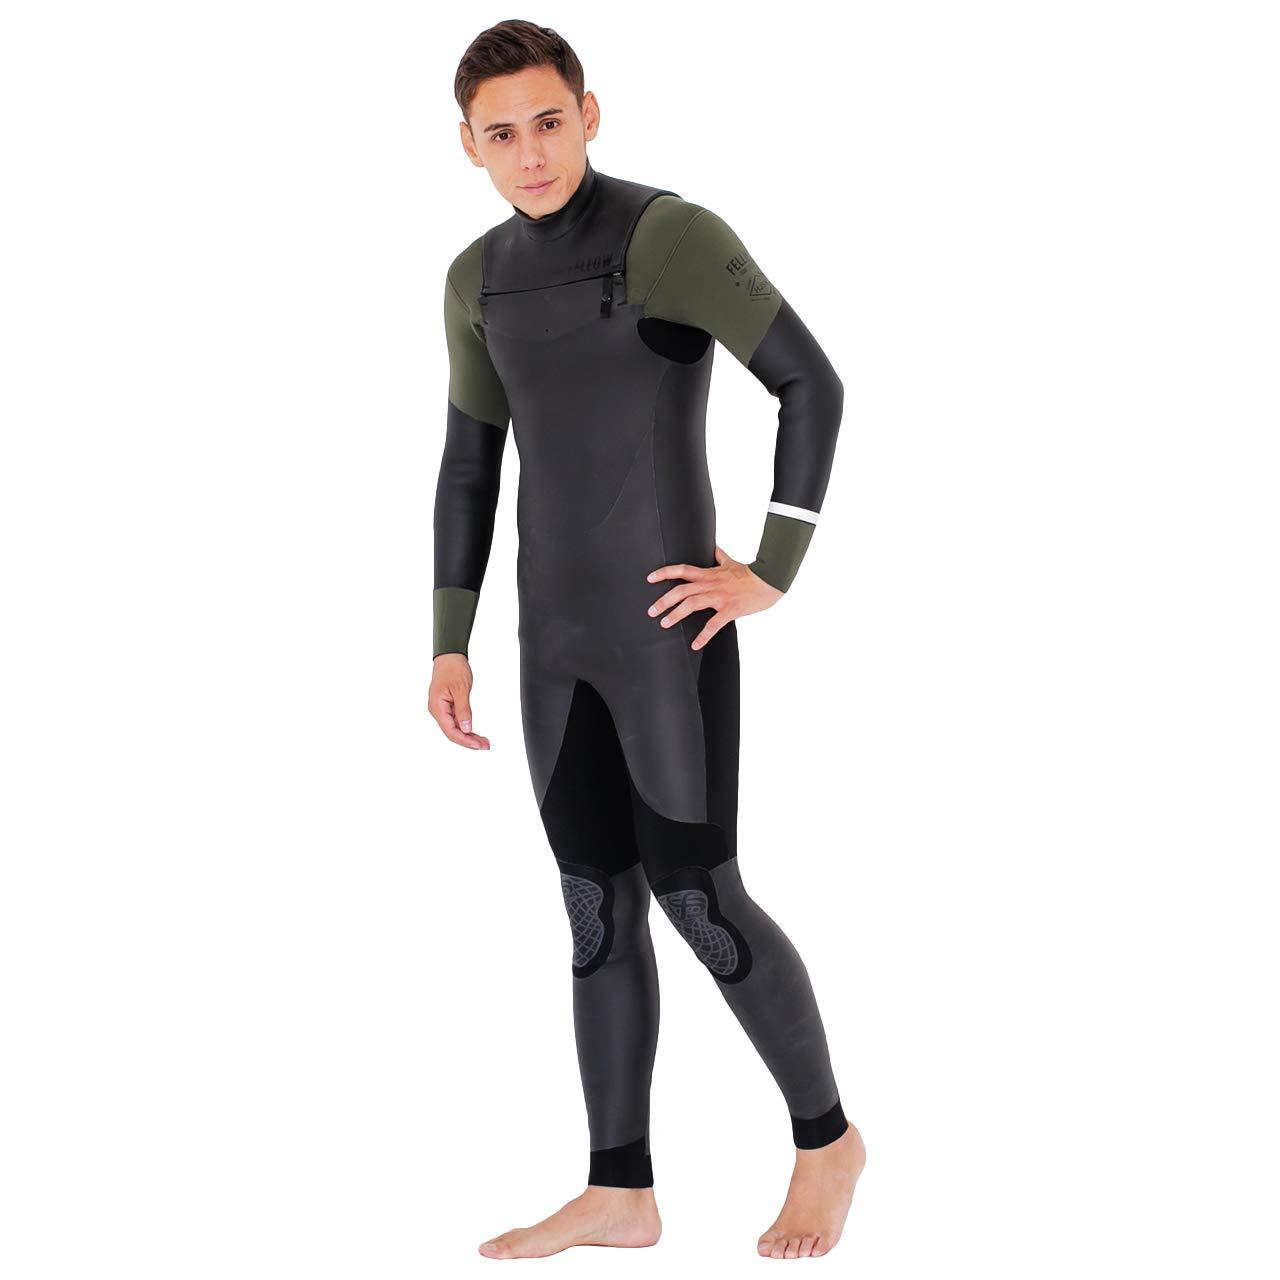 セミドライスーツ ウェットスーツ メンズ セミドライ ウエットスーツ サーフィン FELLOW ALL3mm 保温起毛素材 ノンジップ ジップレス 黒 Medium